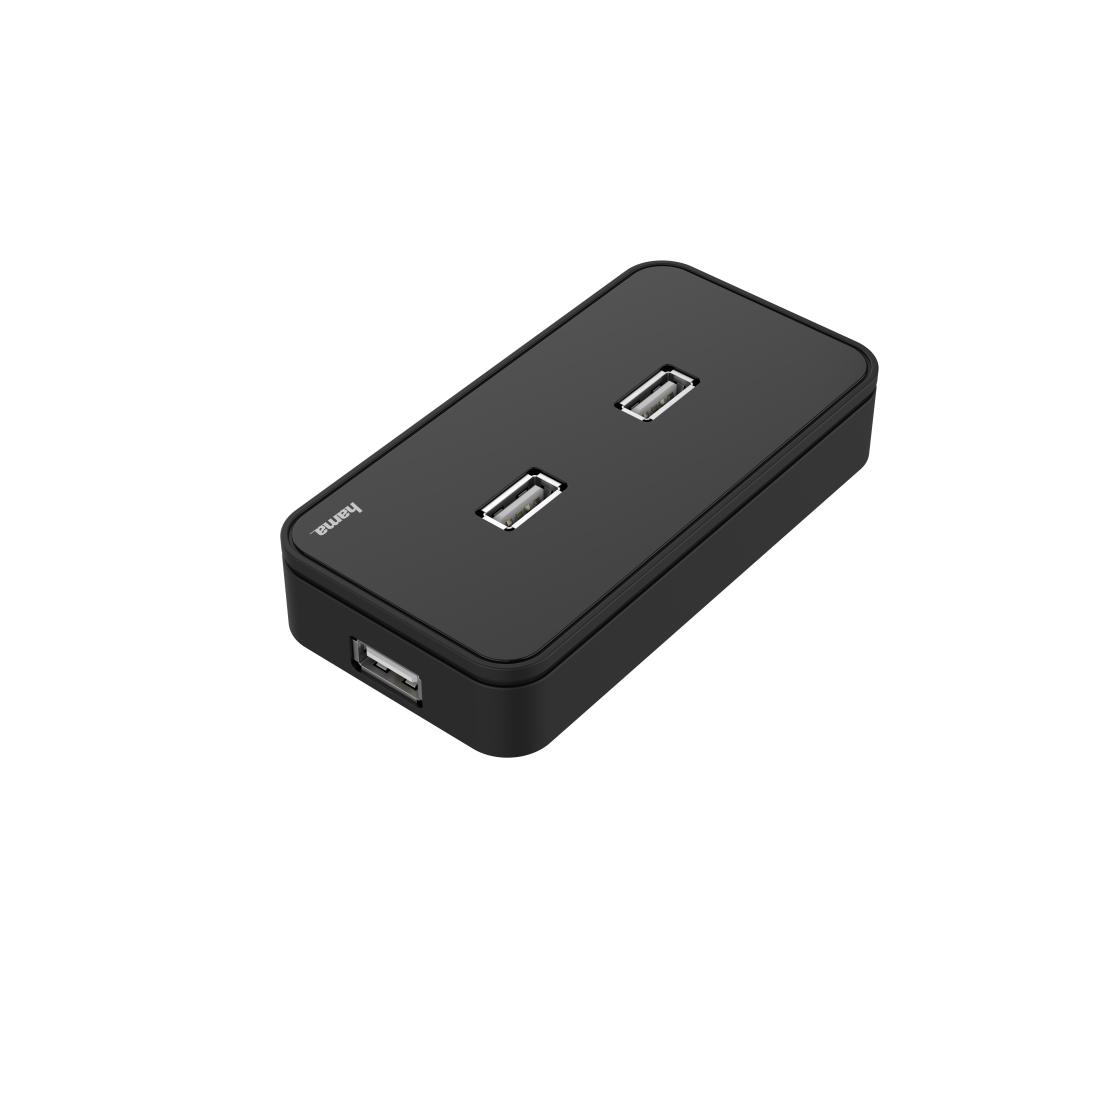 USB хъб със захранване HAMA, USB 2.0, 7-портов, 480 Mbit/s, Черен